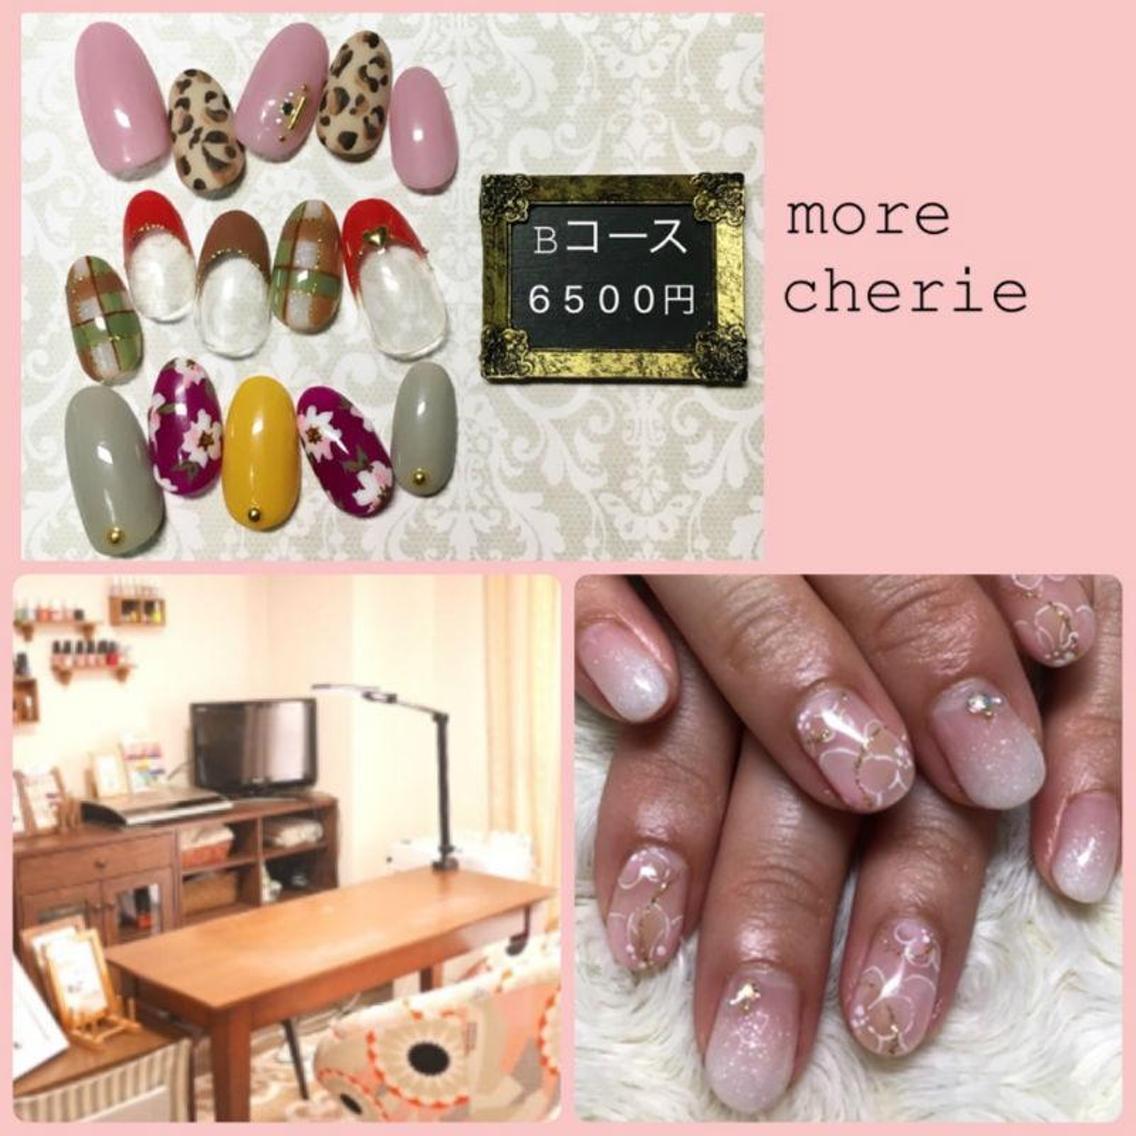 nail more cherie【モアシェリー】所属・田中 博子の掲載